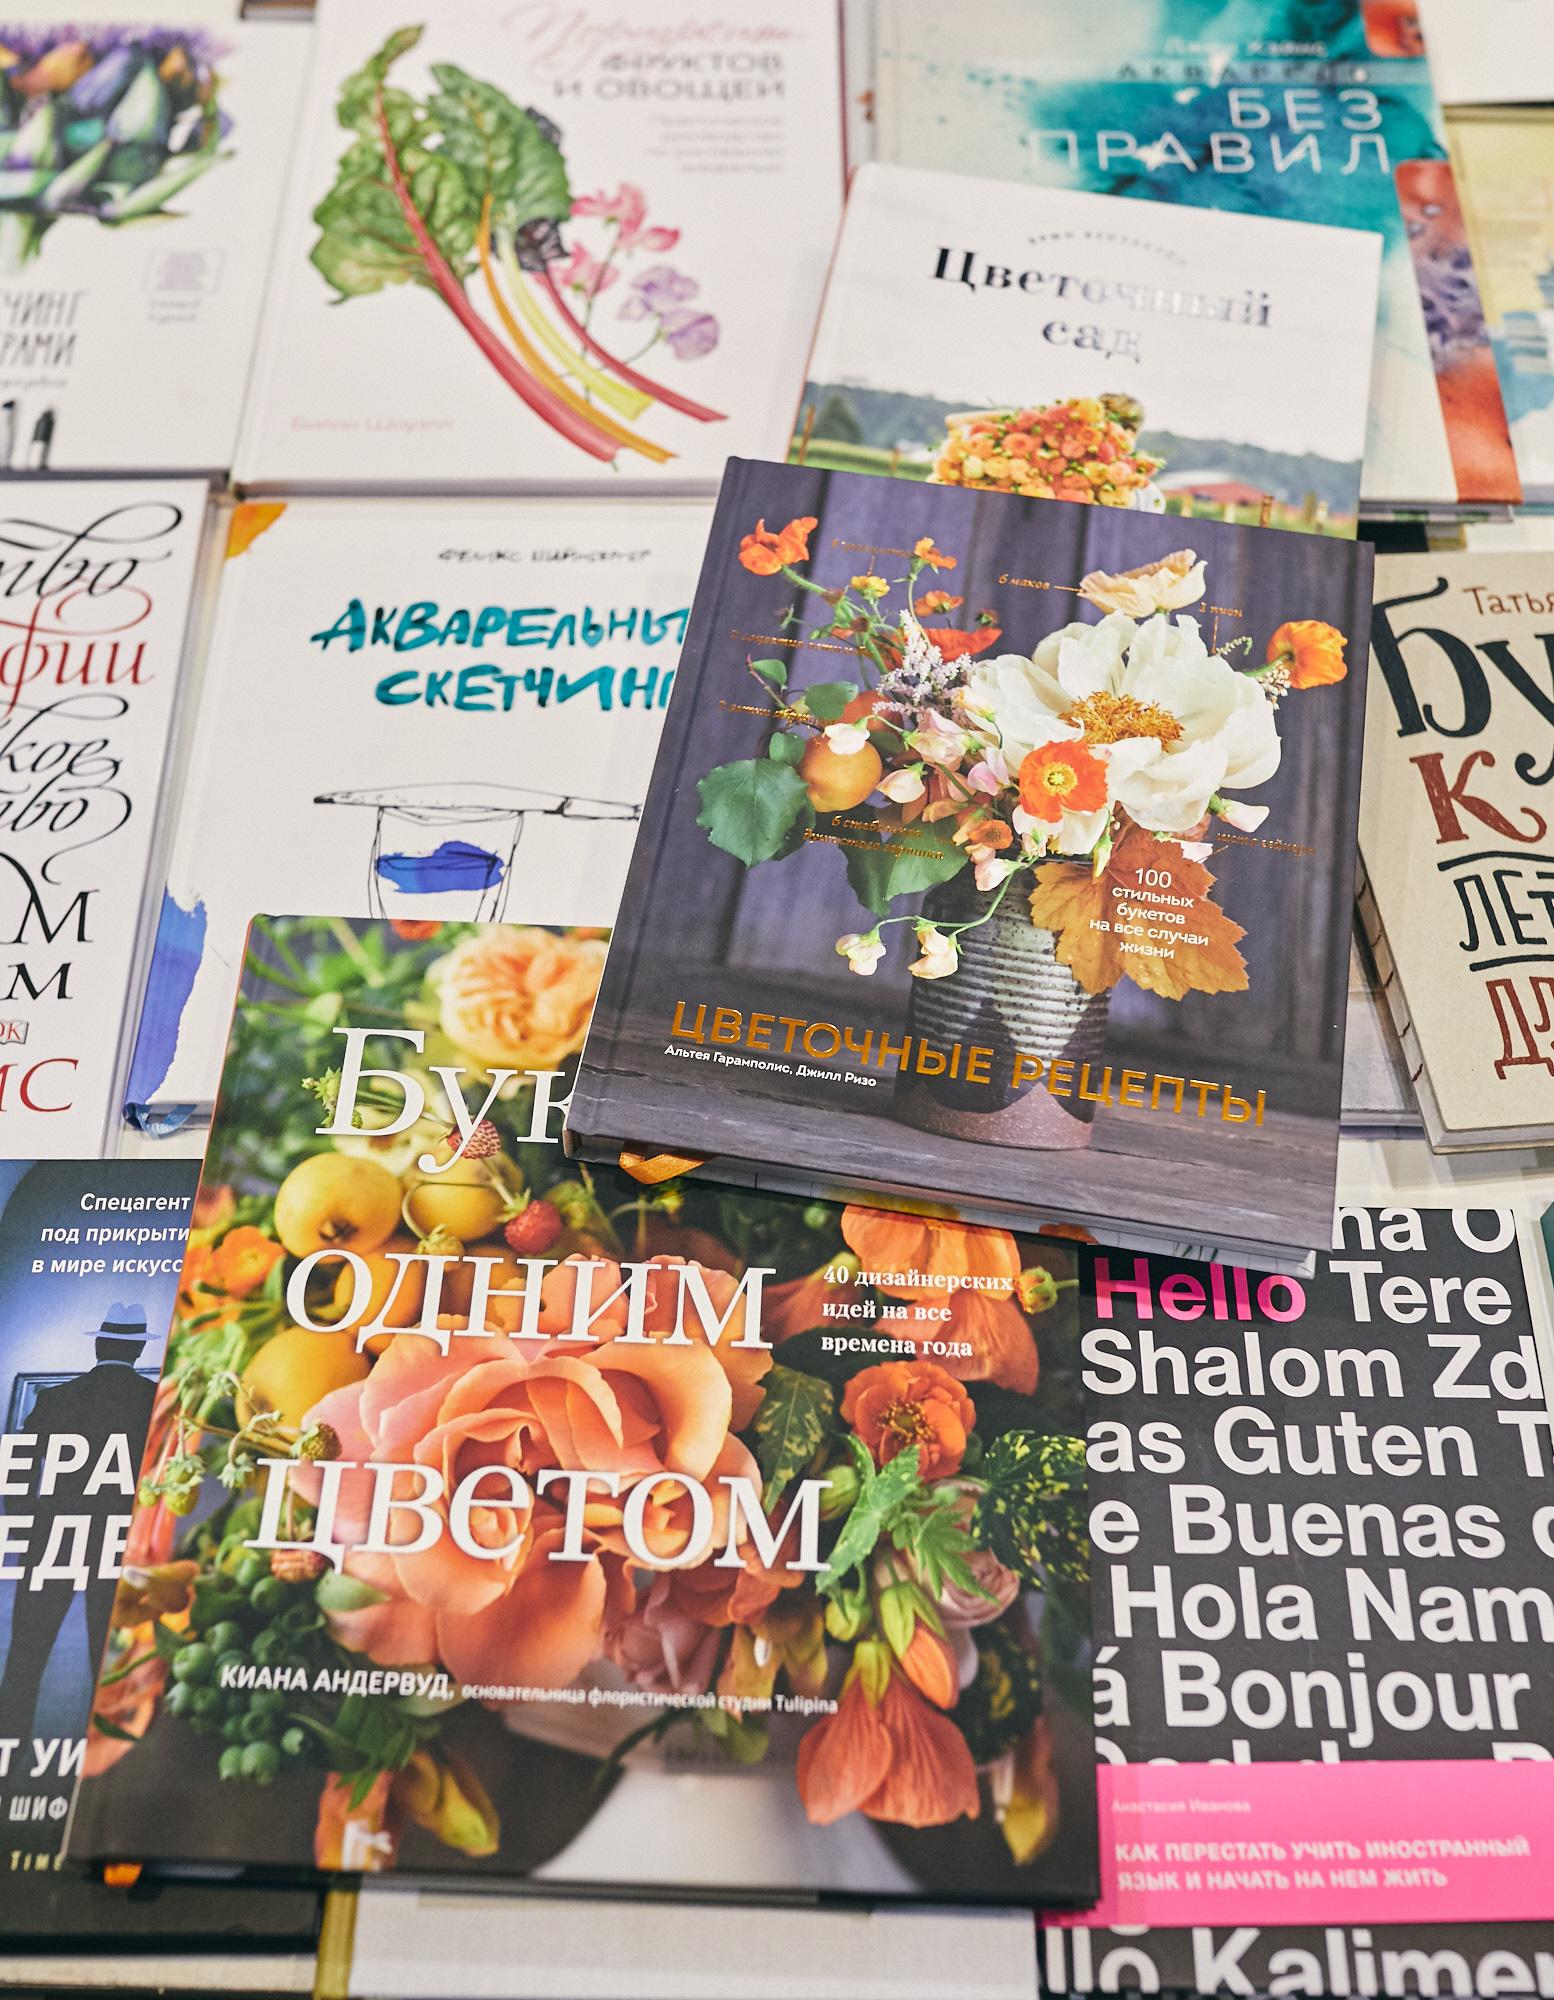 10 советов тем, кто собирается на книжную ярмарку на ВДНХ